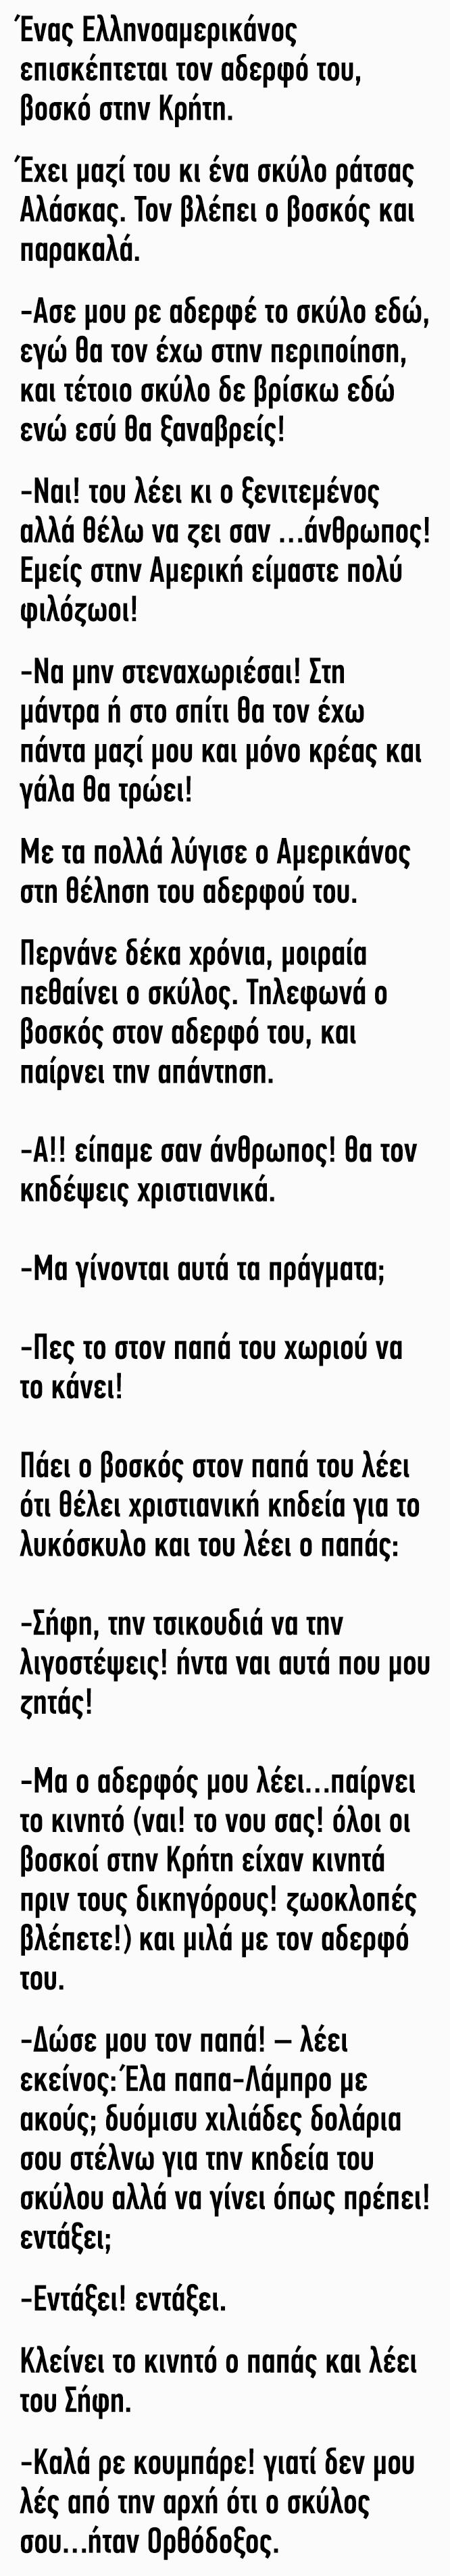 Ανέκδοτο : Ένας Ελληνοαμερικάνος επισκέπτεται τον αδερφό του βοσκό στην Κρήτη